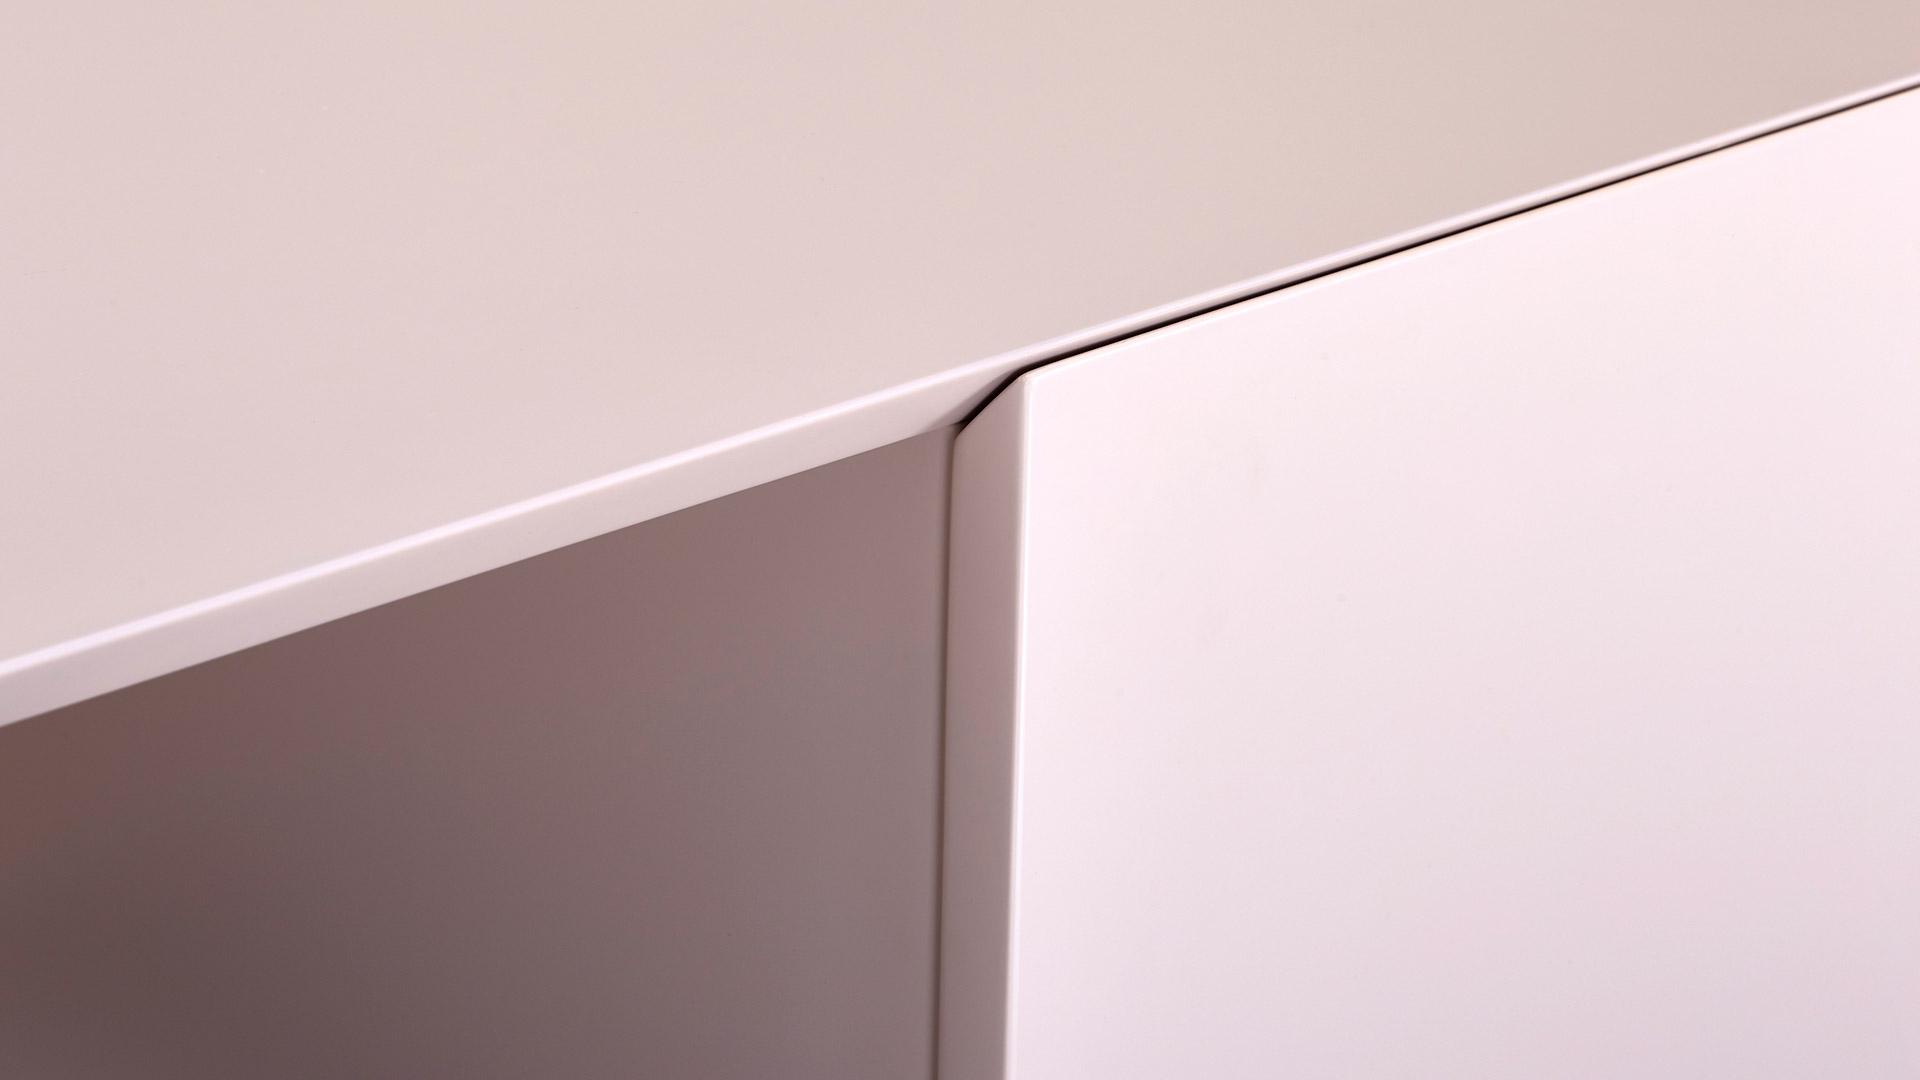 柜体边缘独特的45°精密拼角,区别于市面绝大多数的90°产品,展现细节的极致考究。整个柜体至少运用10处,再现中国精巧加工艺术。?x-oss-process=image/format,jpg/interlace,1